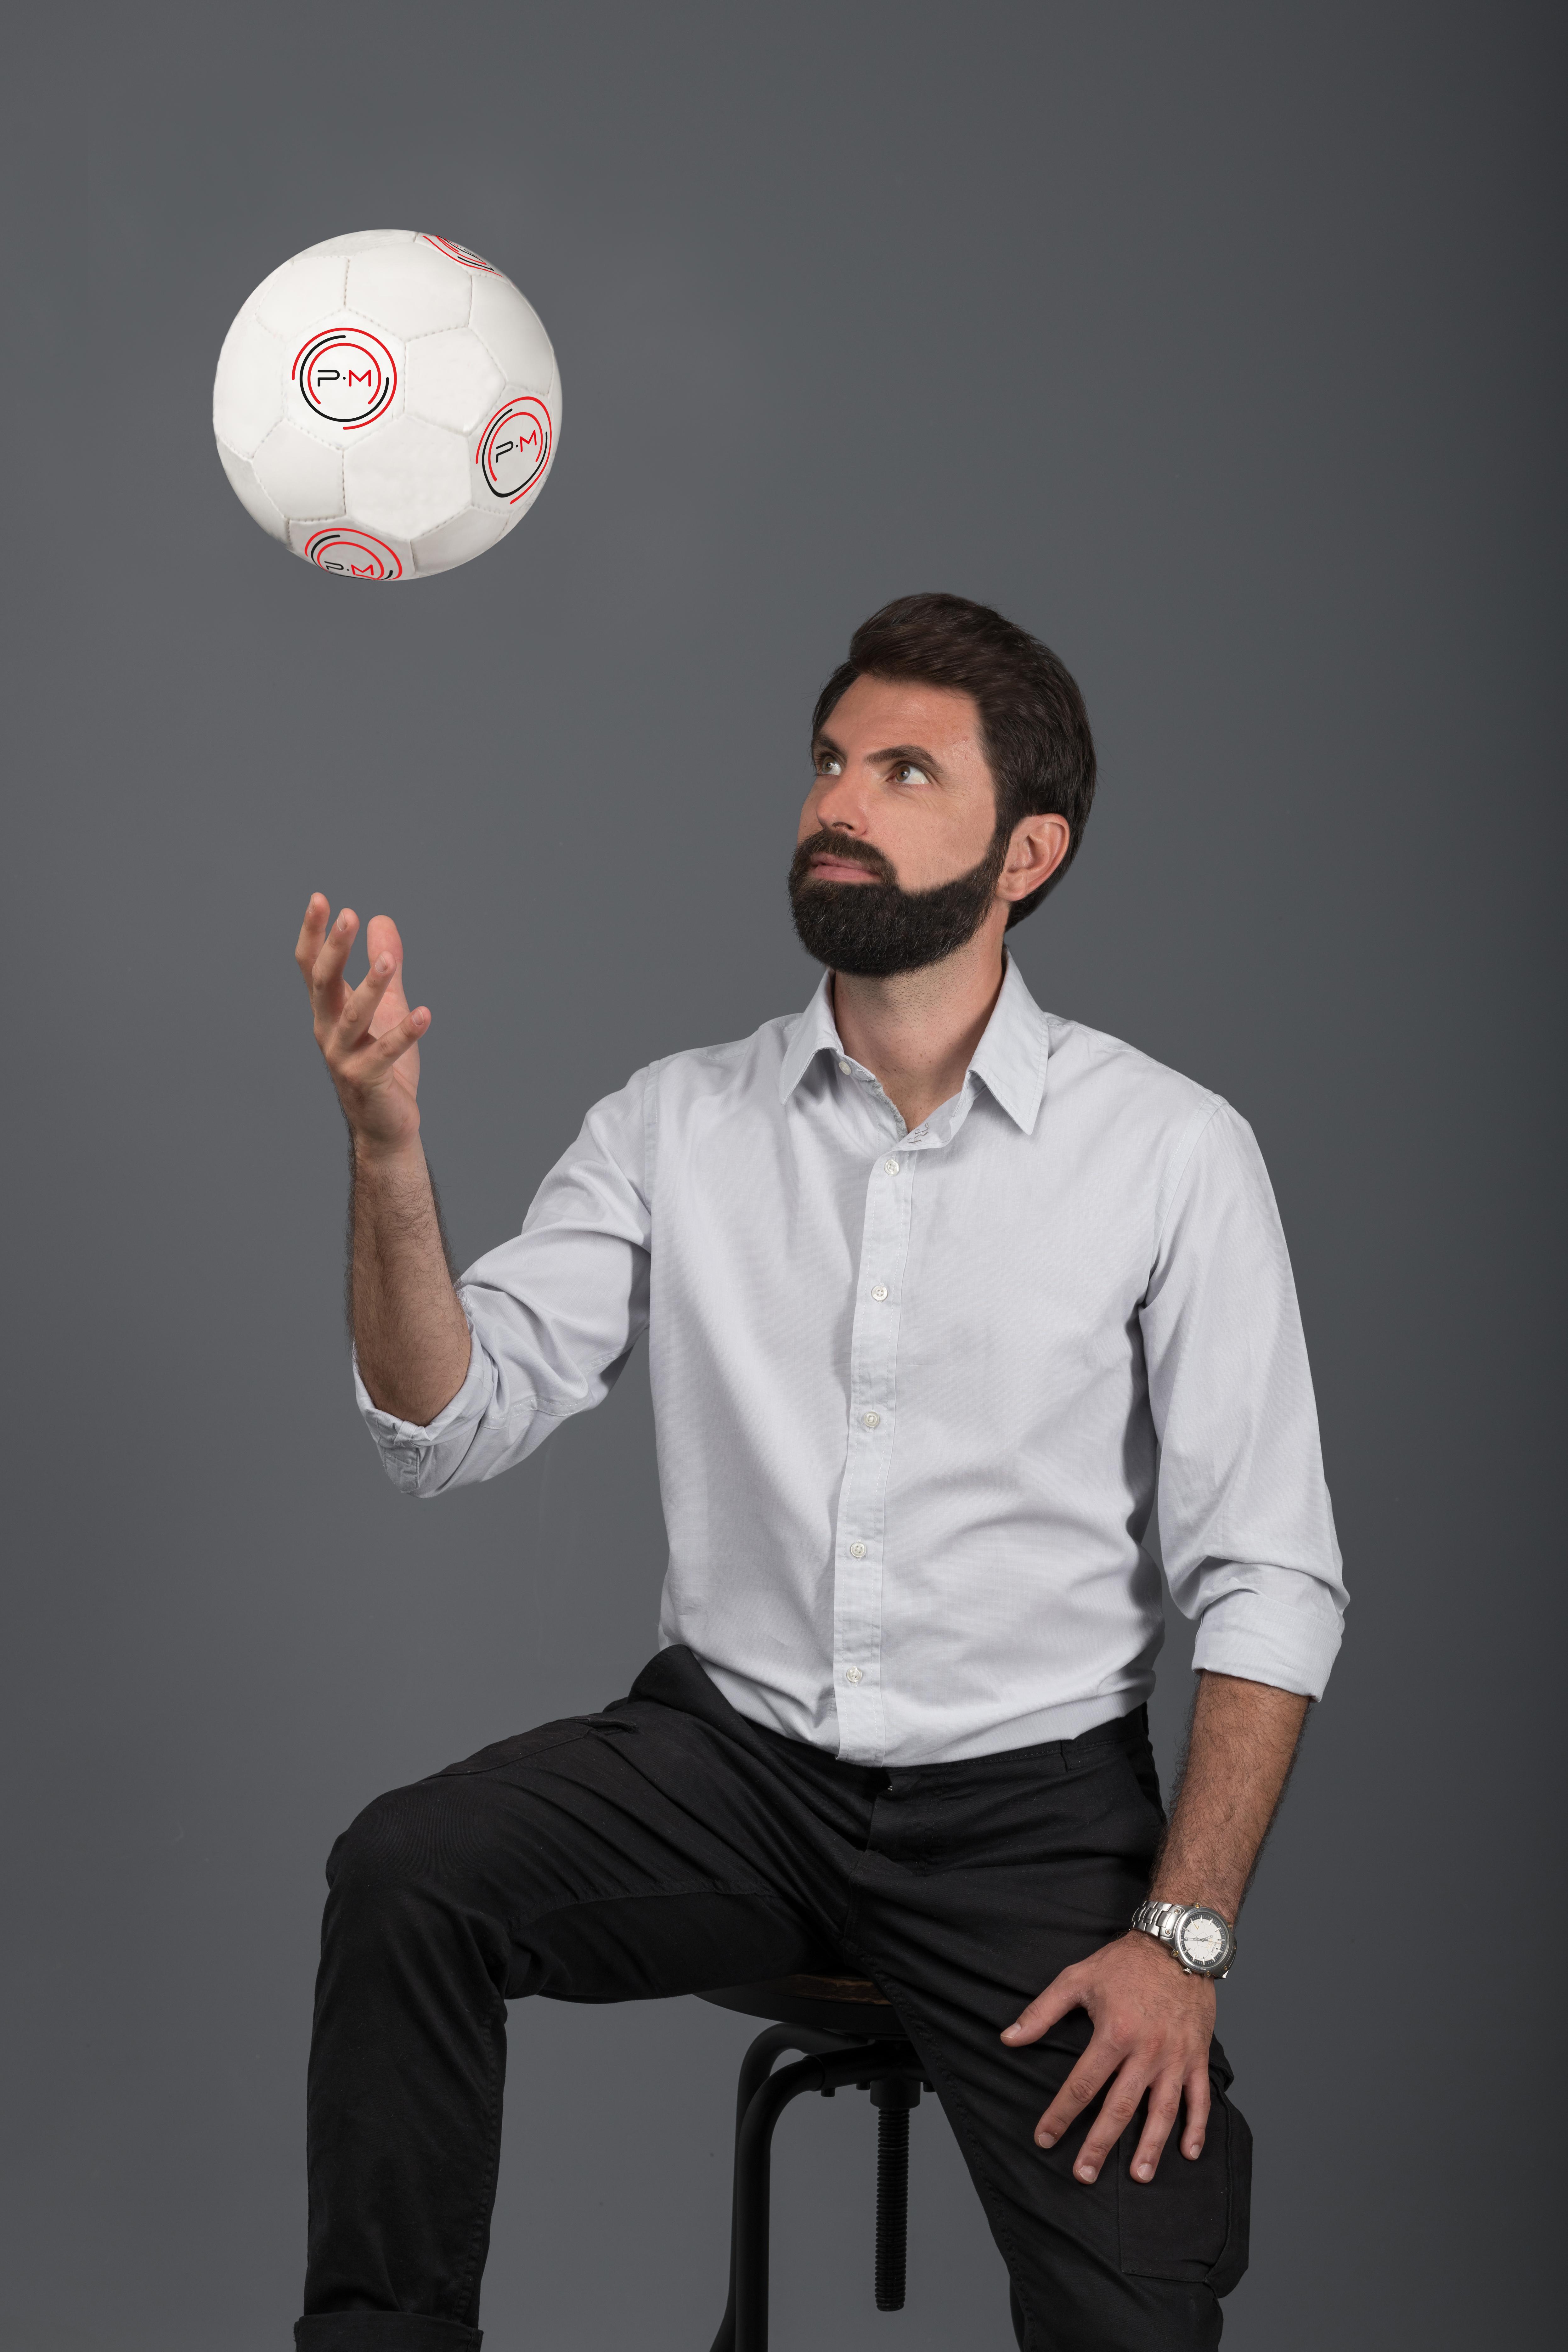 Guido con pallone